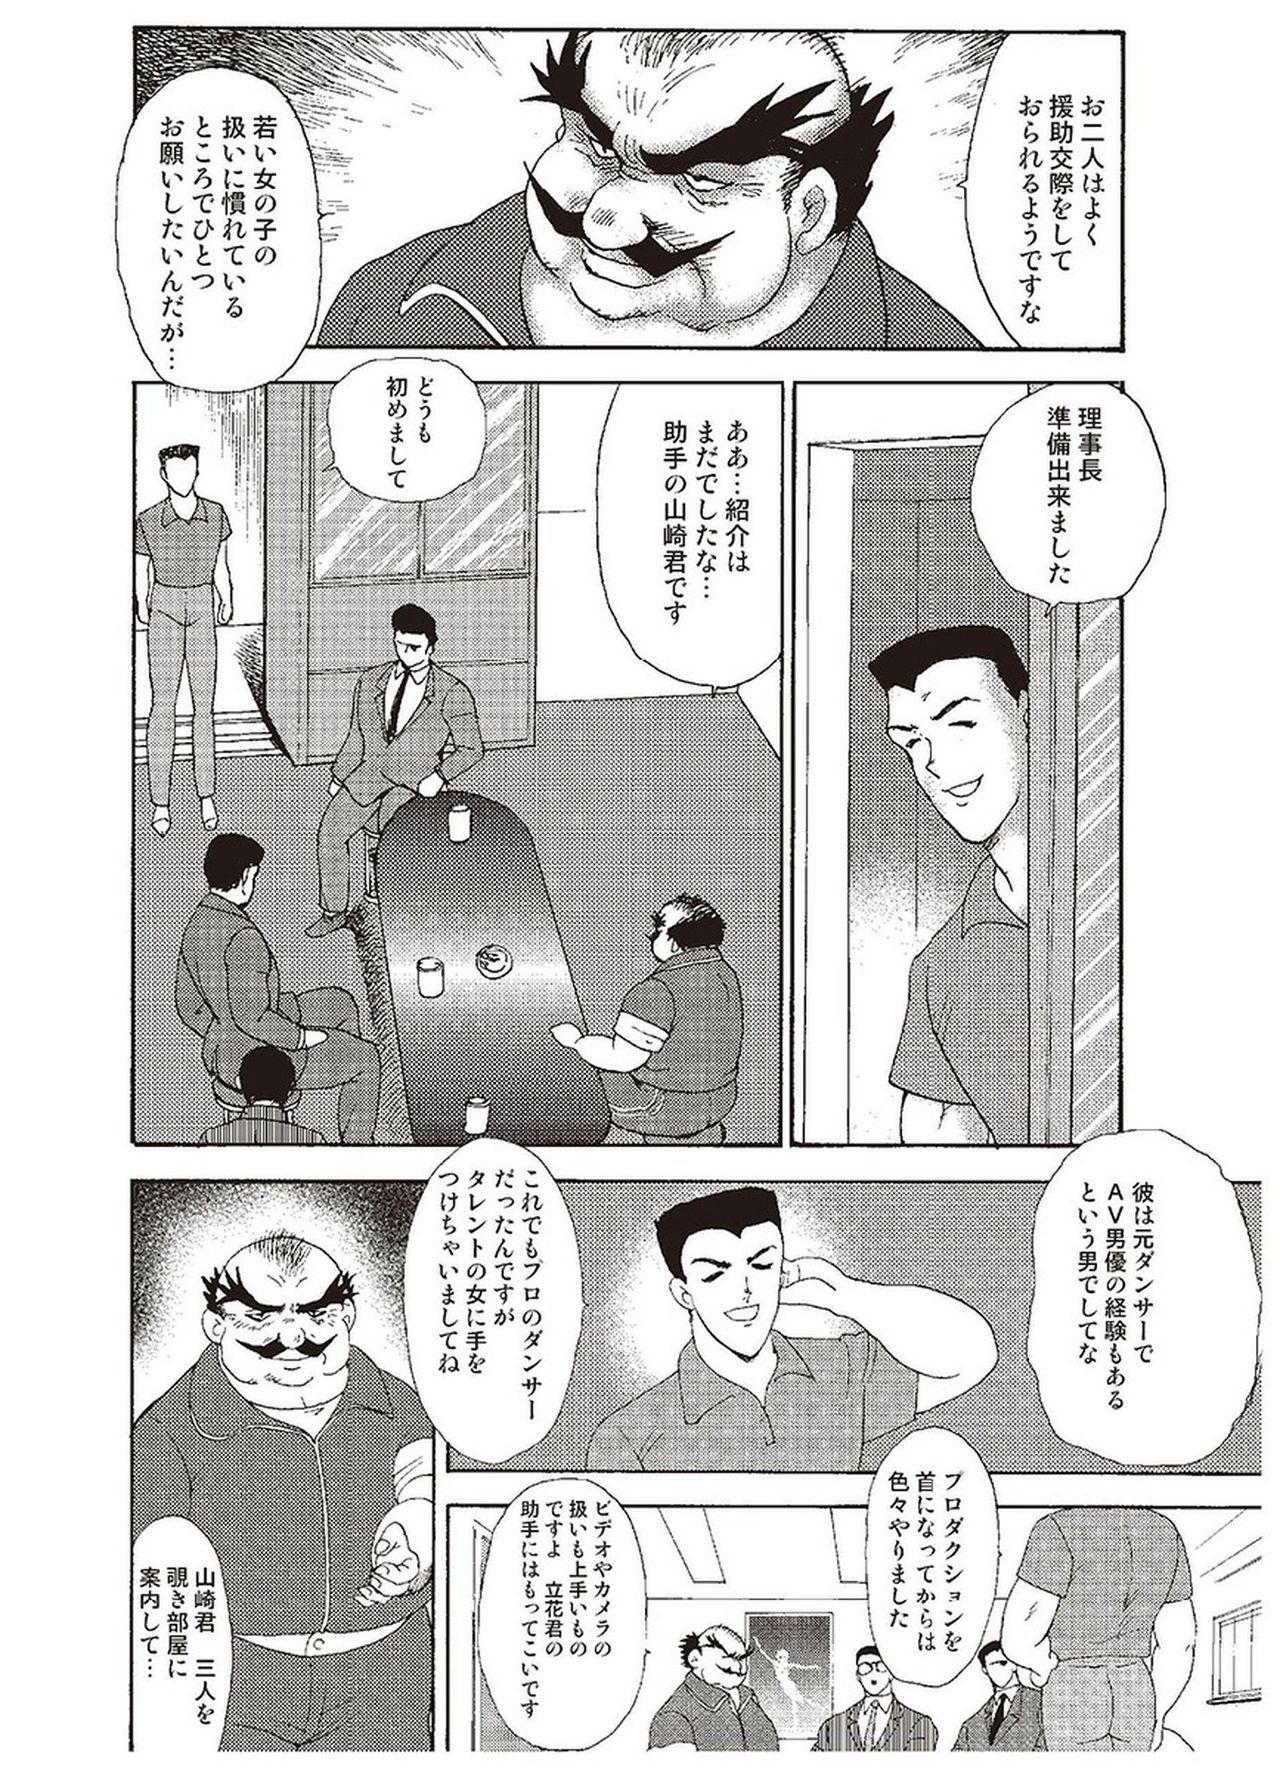 Maihime Chigoku no Ori Ni 18